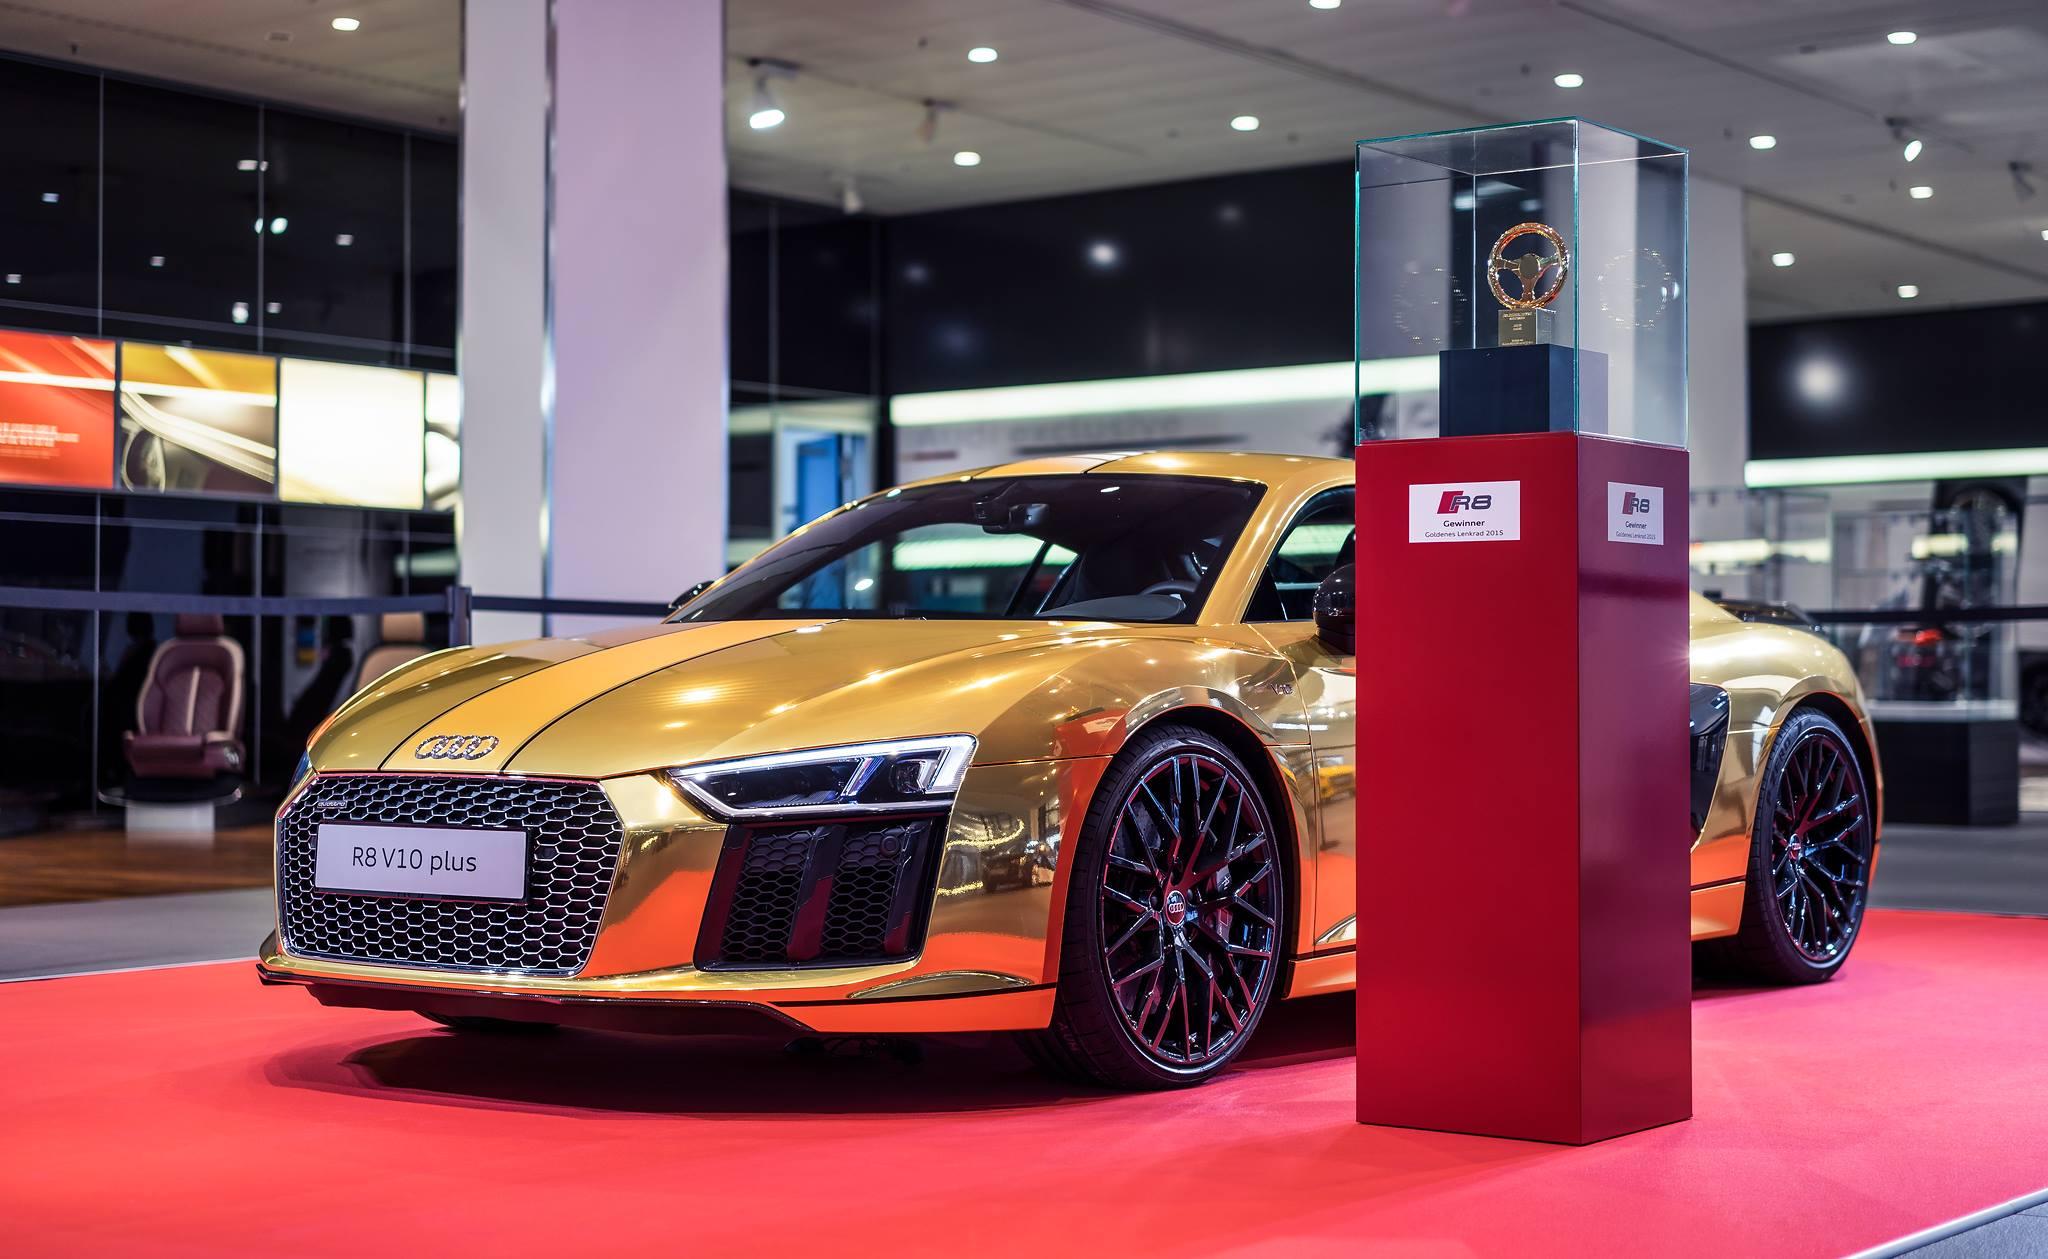 2016 Audi R8 V10 Plus Gets Official Chrome Gold Wrap